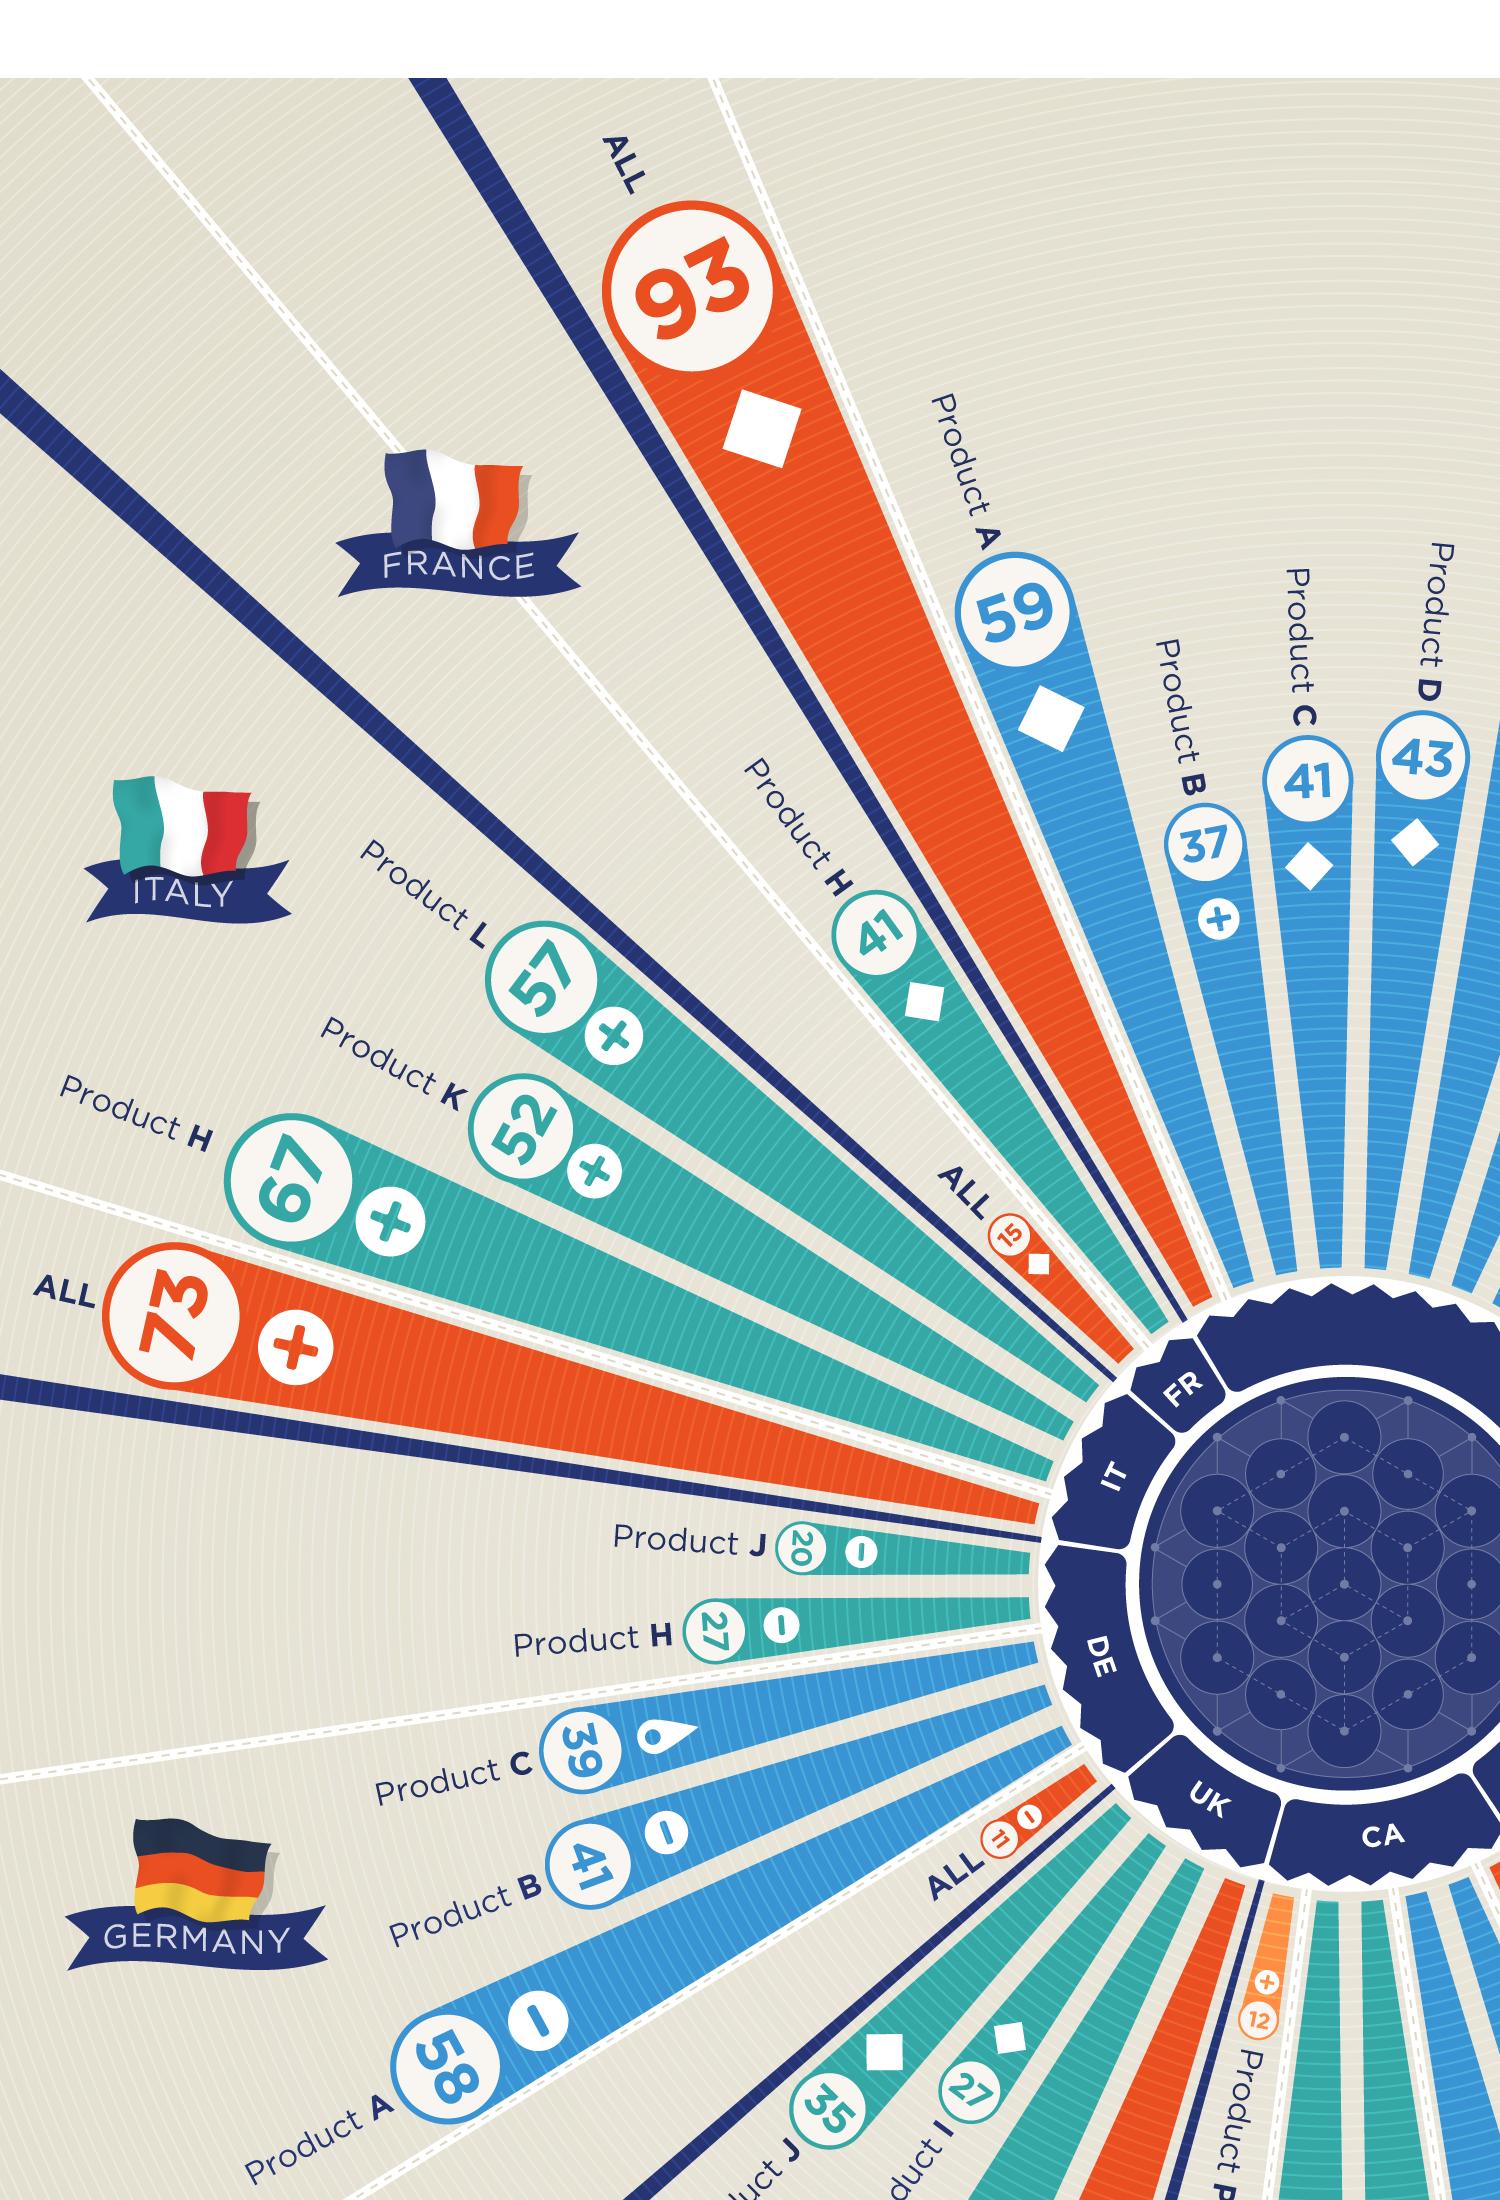 Brand Awareness | Example Visualization | Makemark